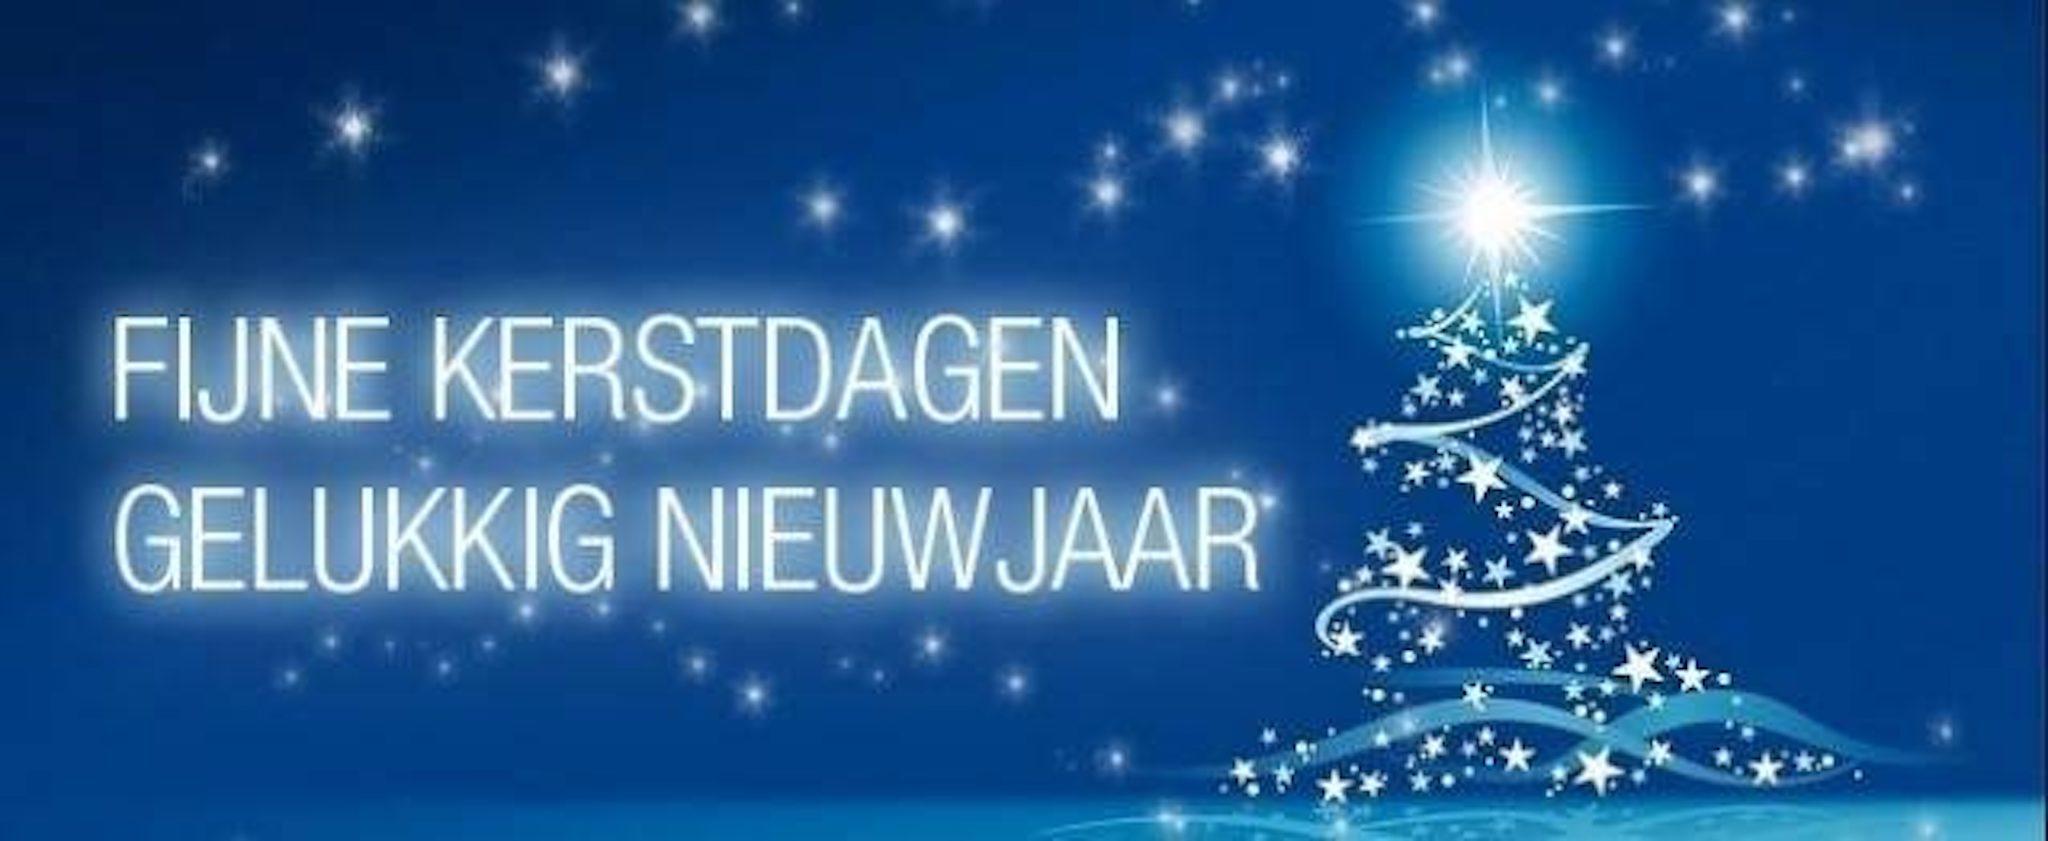 fijne-kerstdage-en-gelukkig-nieuwjaar-e1478643959785